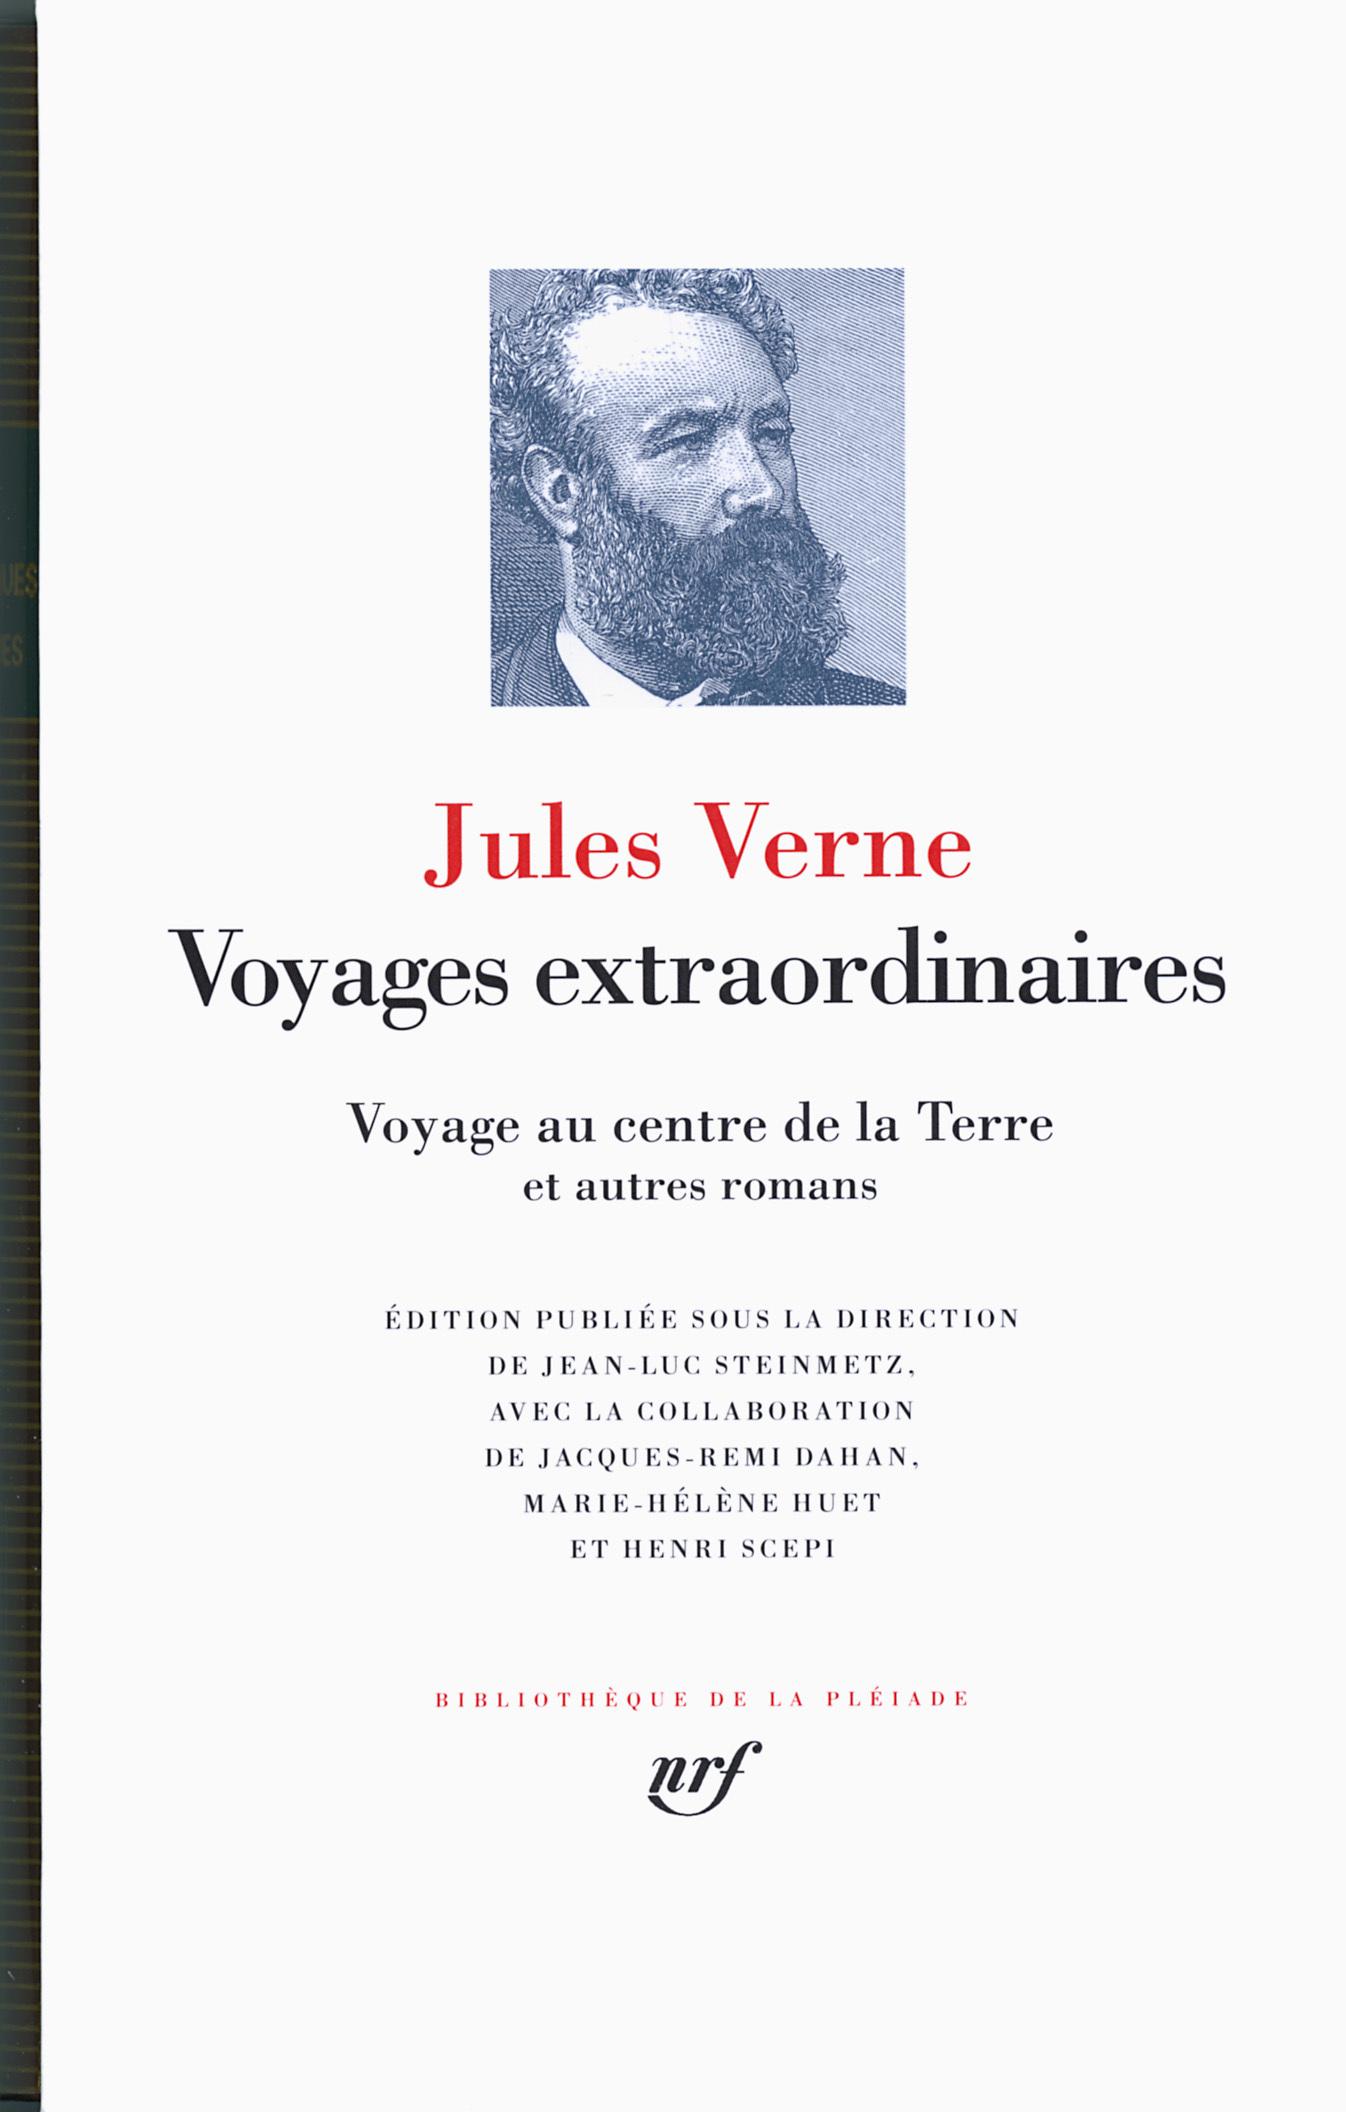 VOYAGES EXTRAORDINAIRES 3